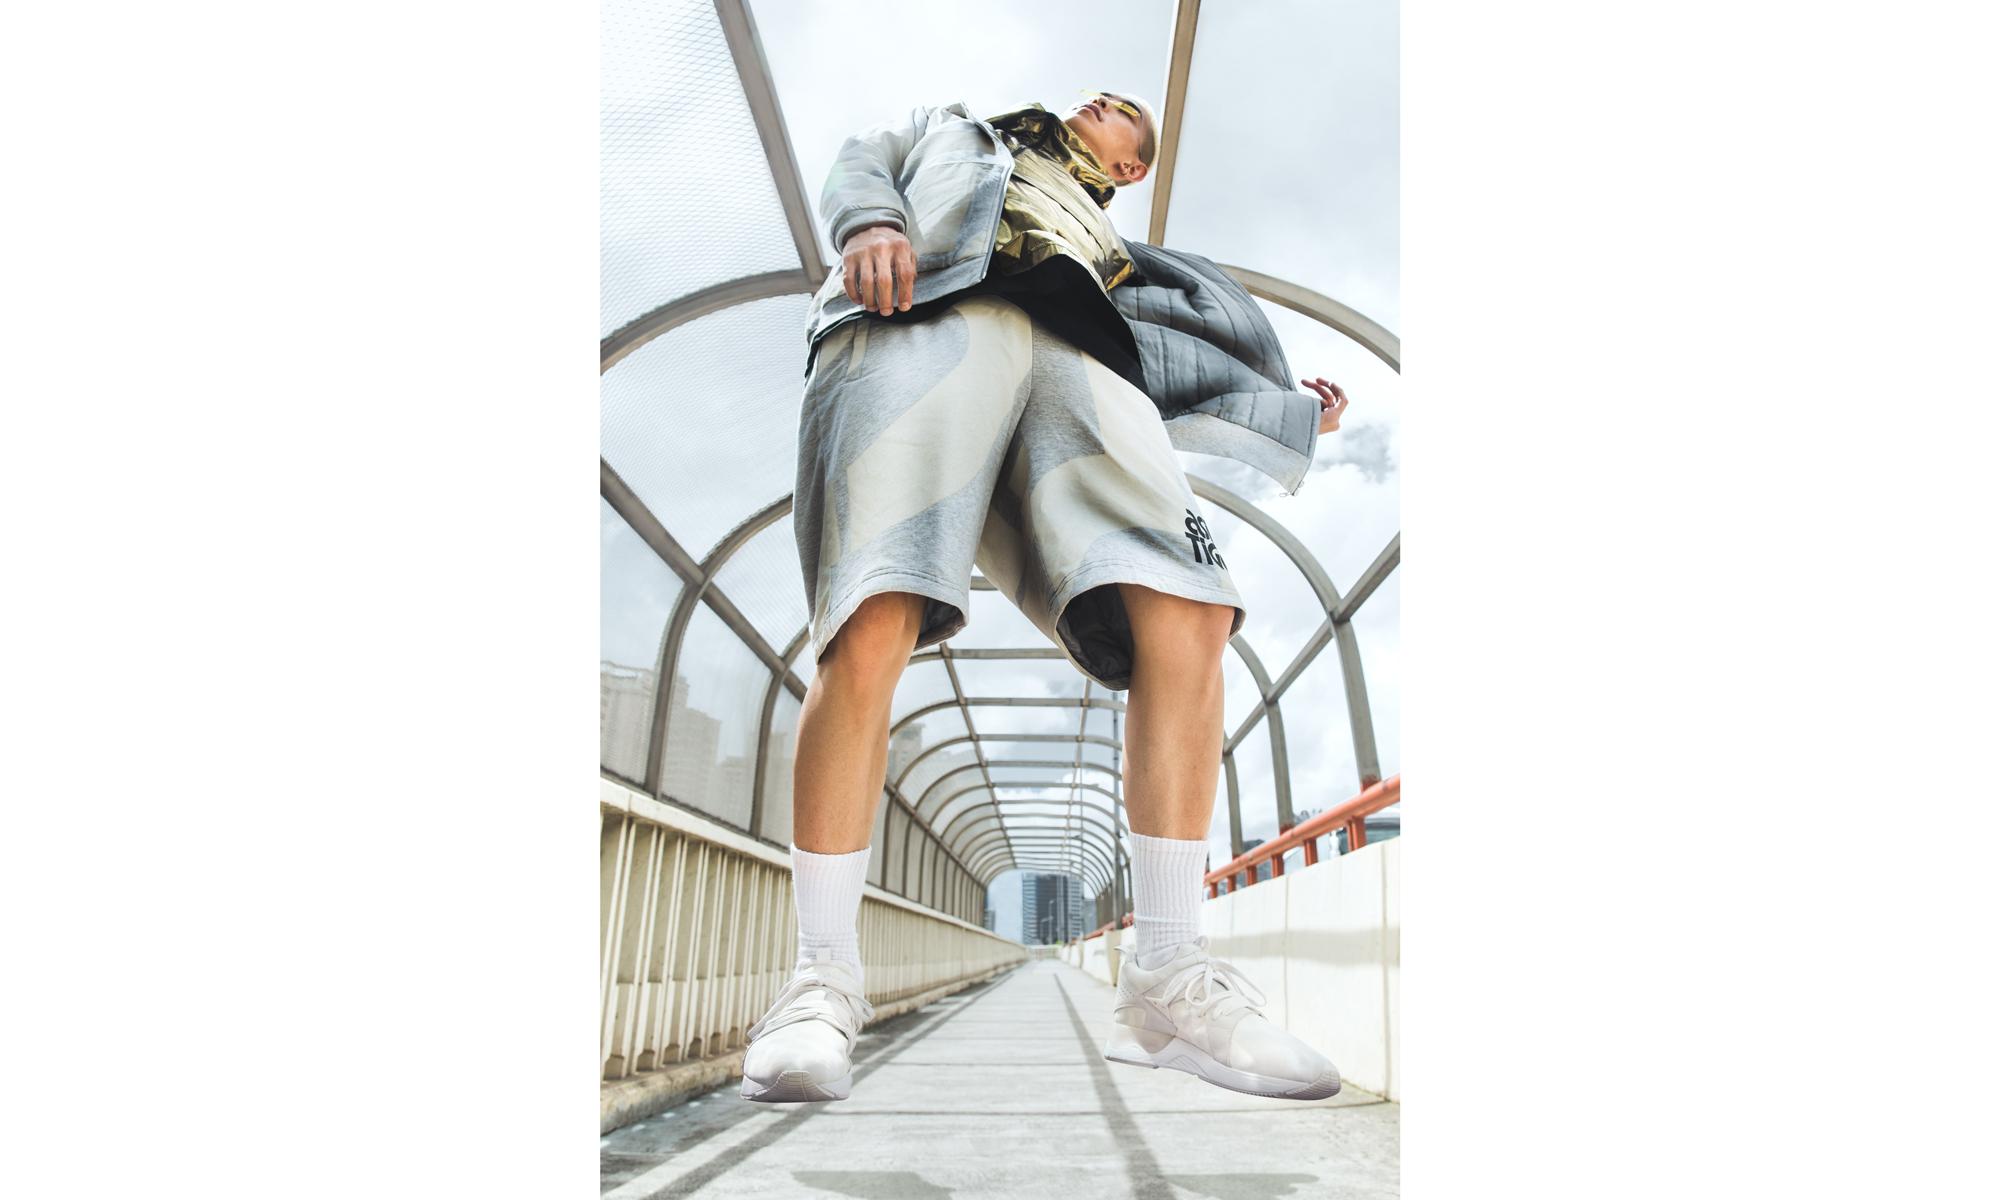 ASICSTIGER GEL-LYTE V SANZE 新系列鞋款与服饰发布